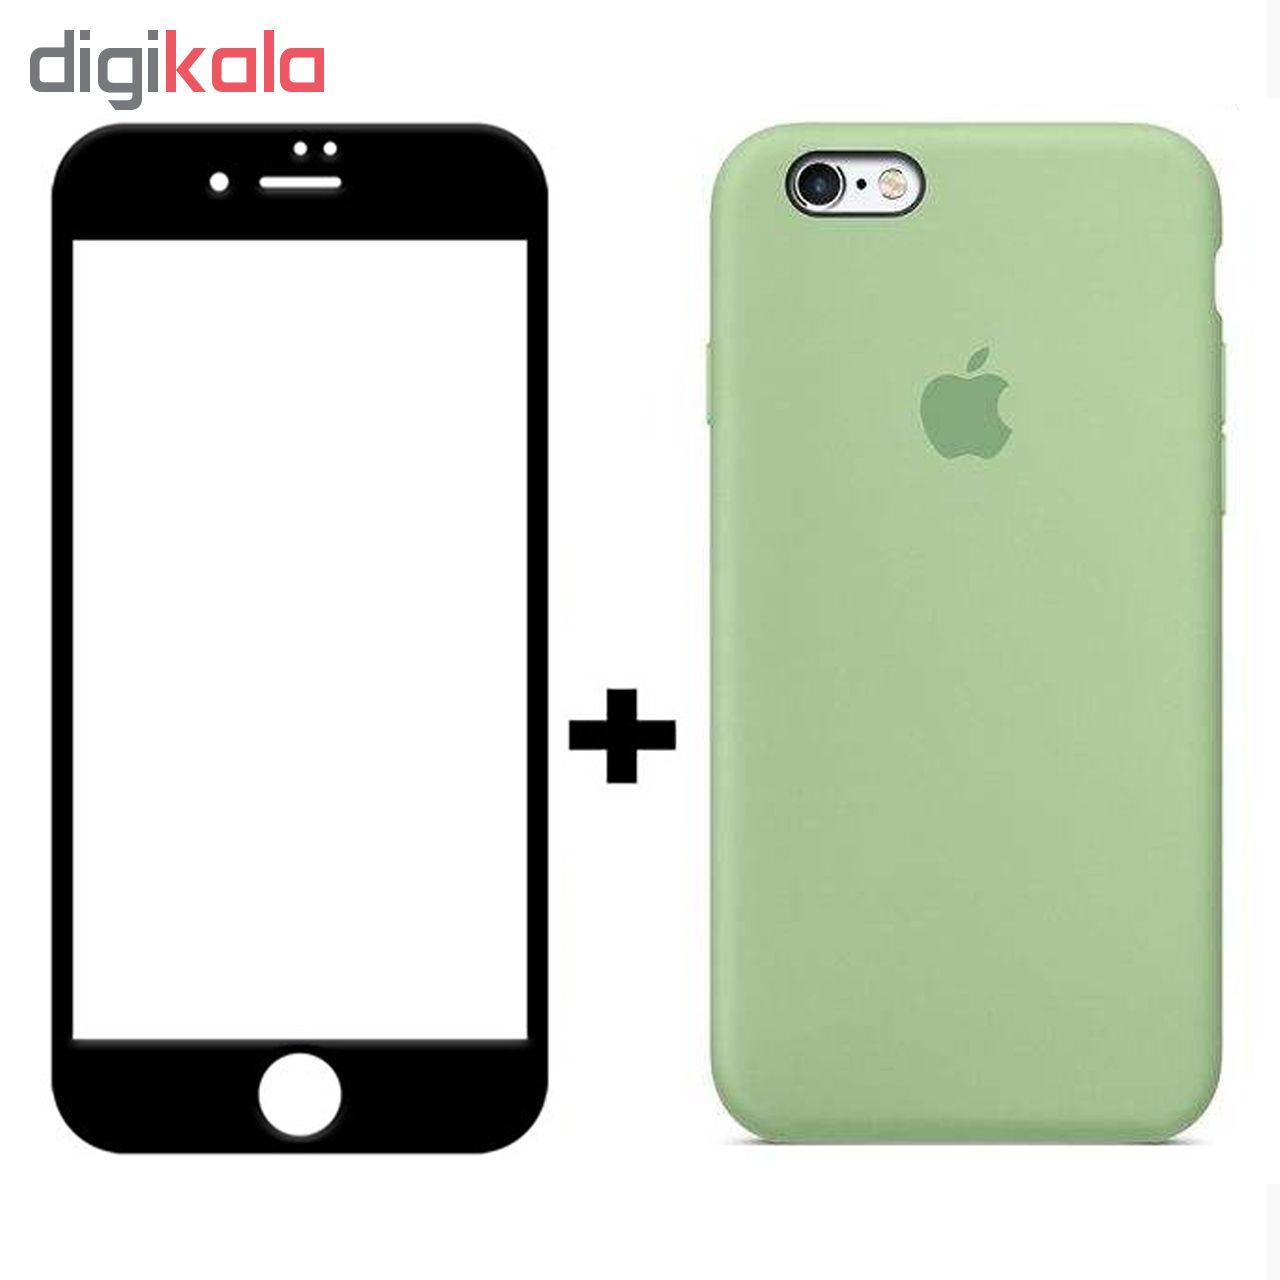 کاور سیلیکونی مدل SlC مناسب برای گوشی موبایل اپل آیفون 6/6s  به همراه محافظ صفحه نمایش 5D main 1 6